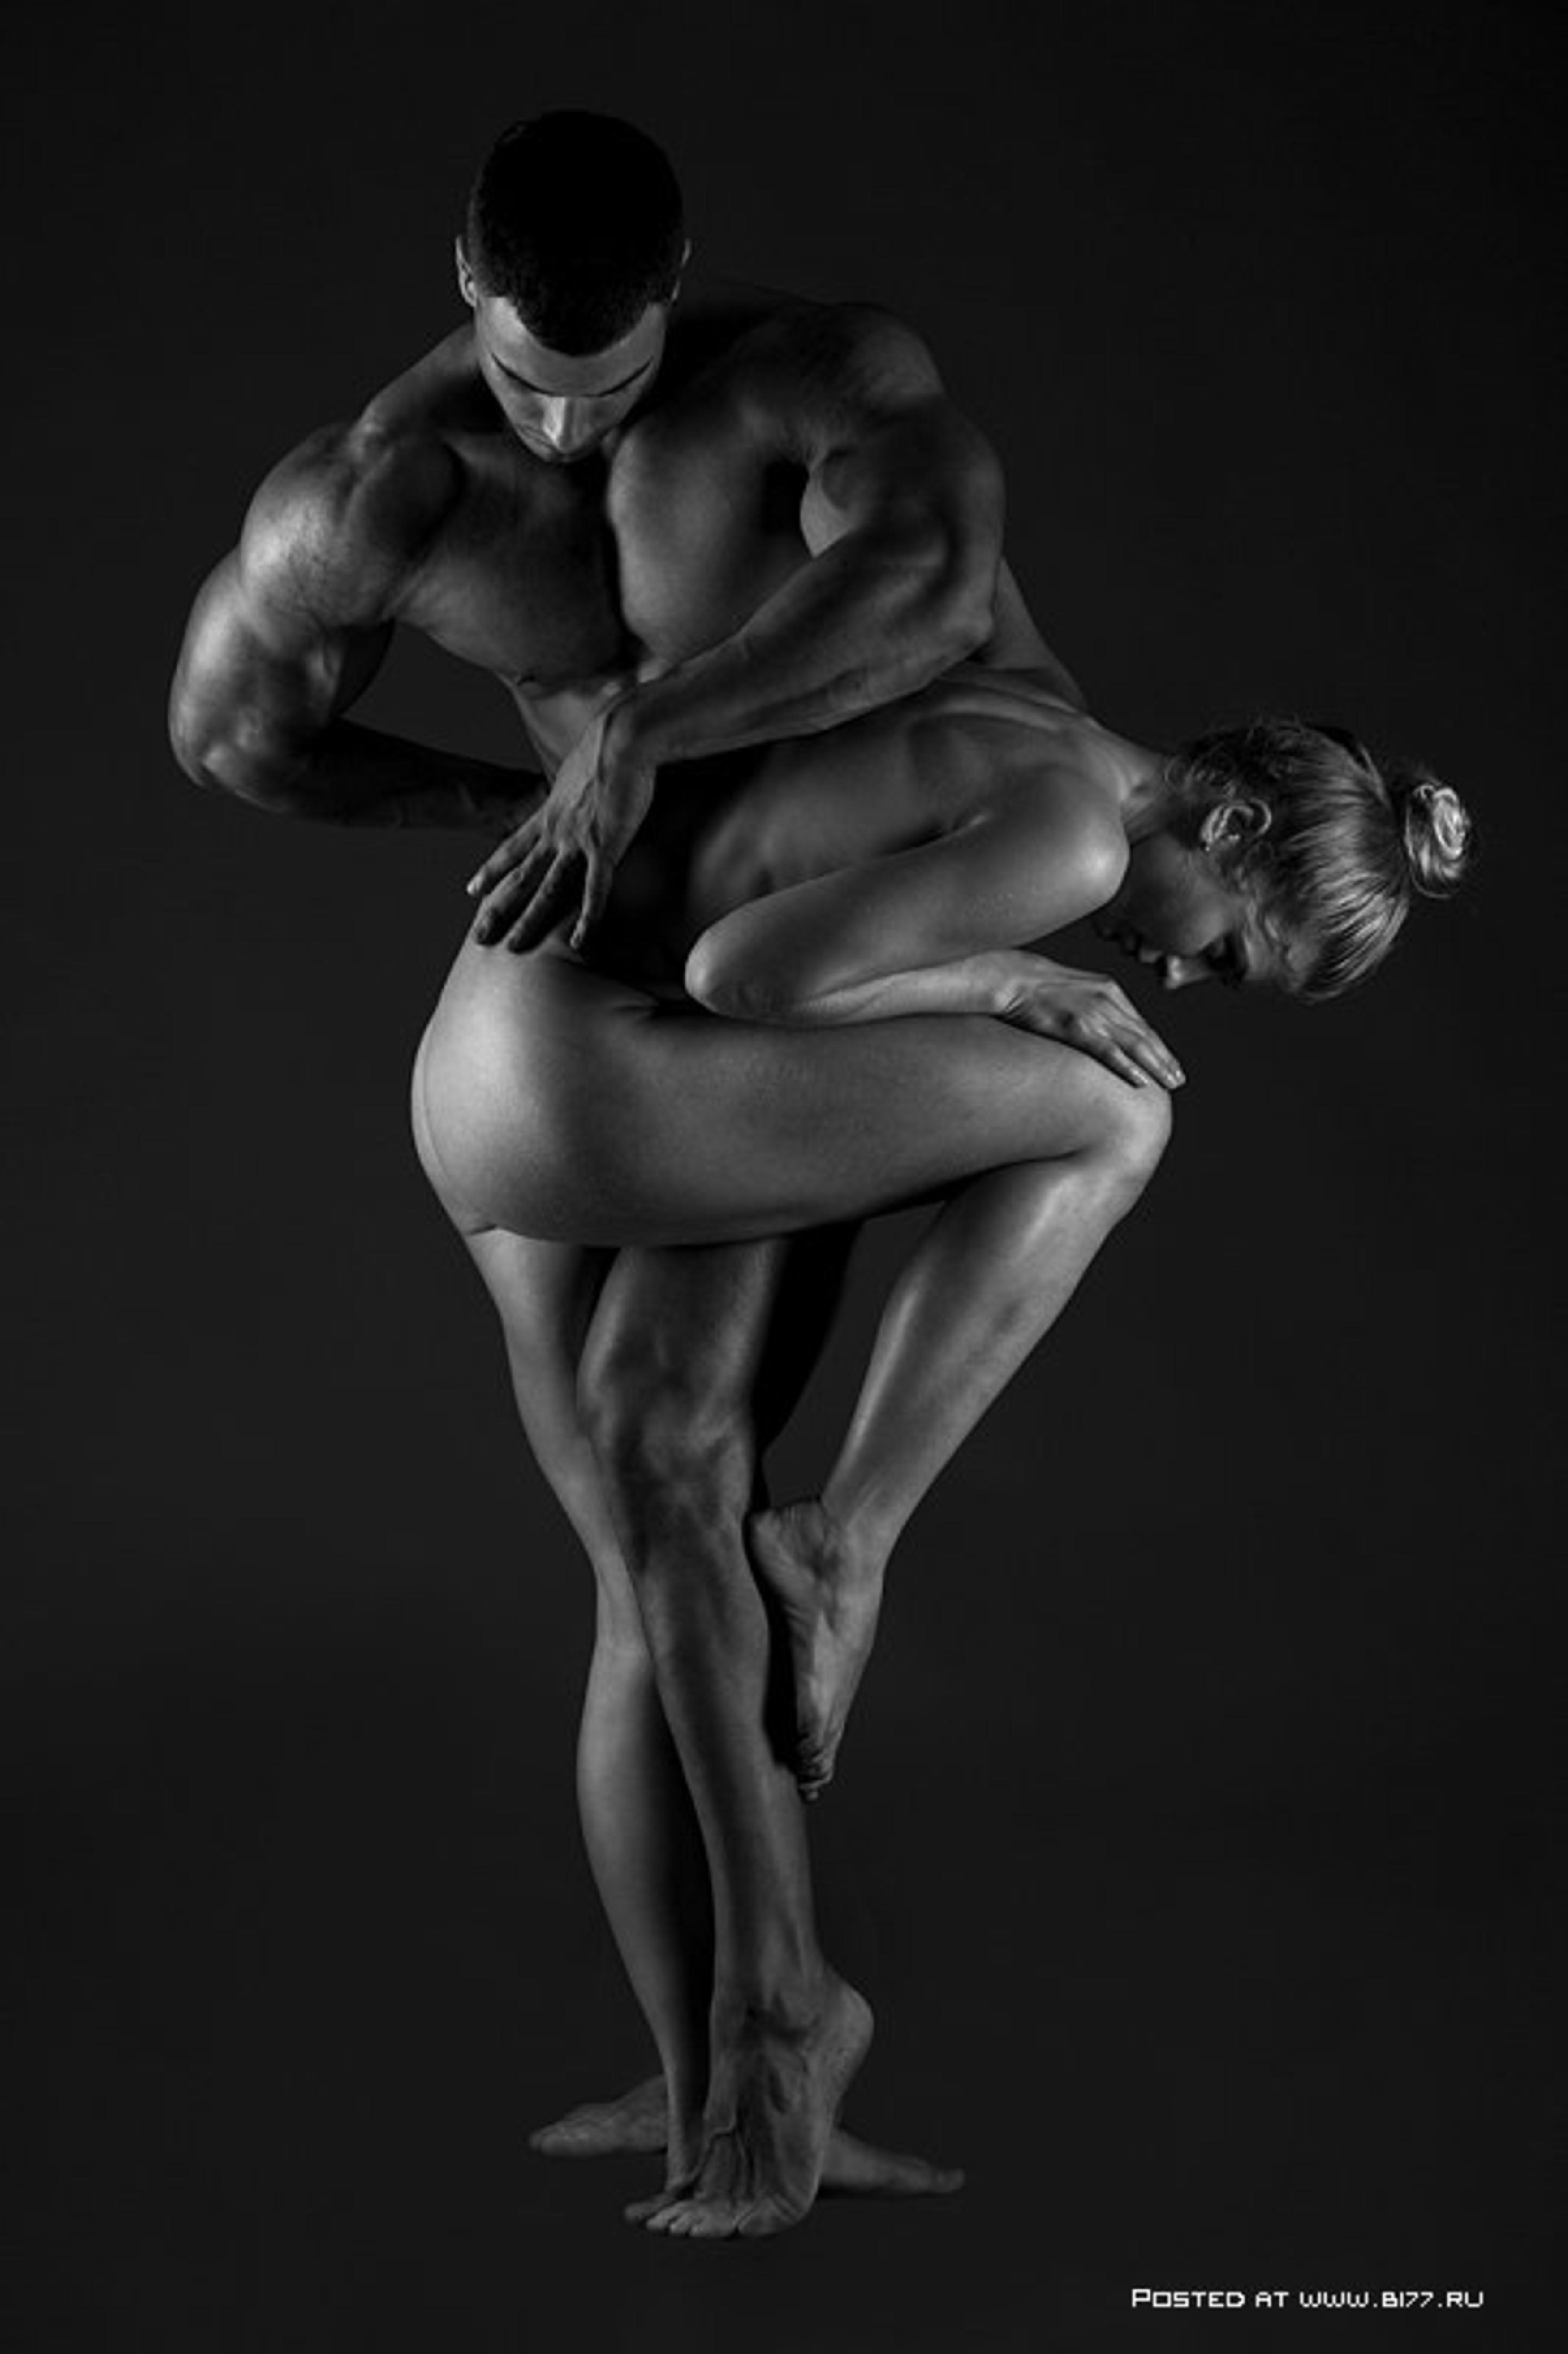 художественная фотография эротики мужчины и женщины в контакте сидел